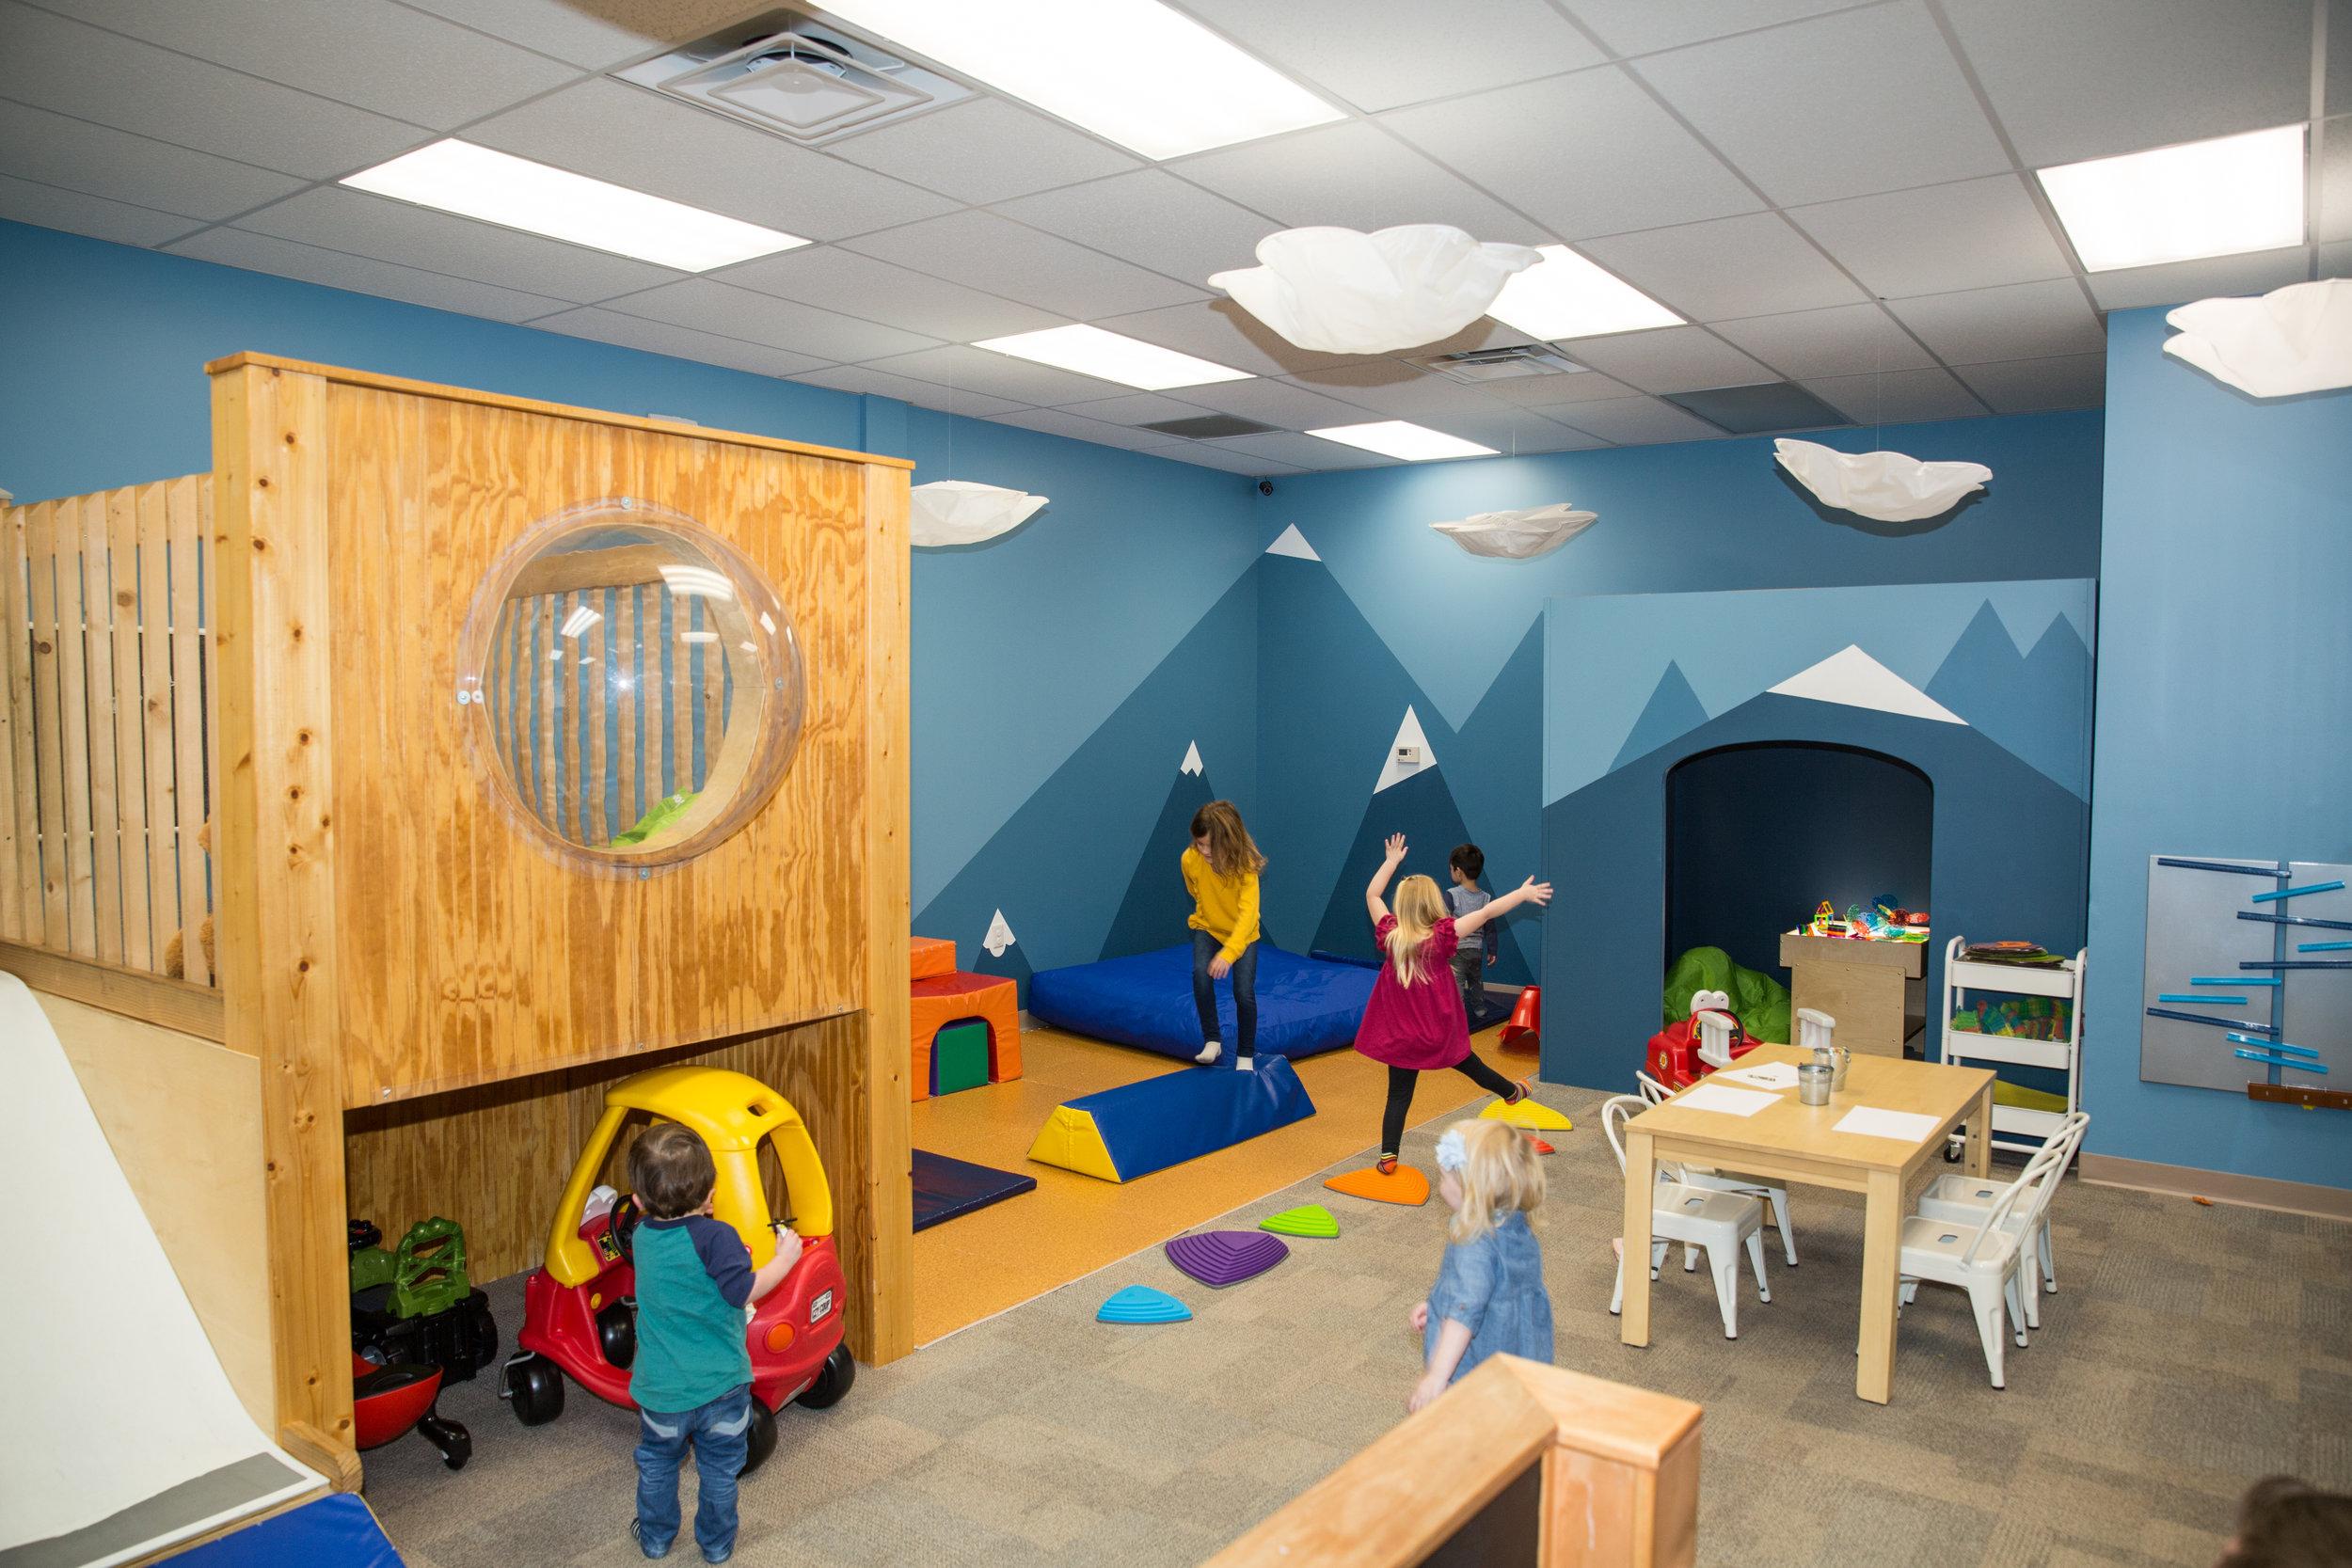 Hoot_Studio_Play_Cafe_Kids_Play_Space.jpg